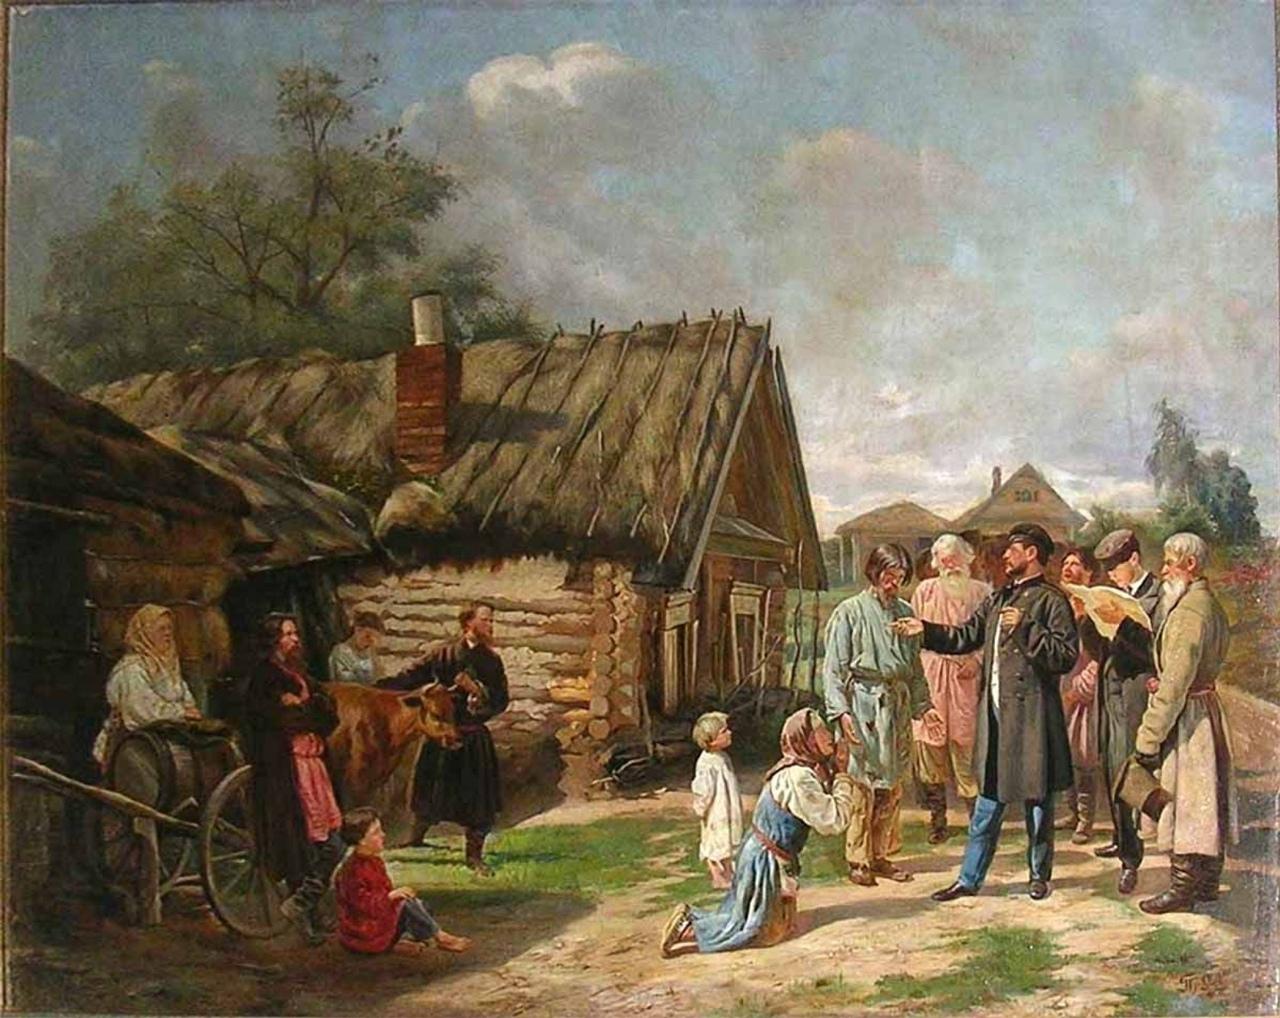 Сбор недоимок. Худ. В. В. Пукирев, 1875.